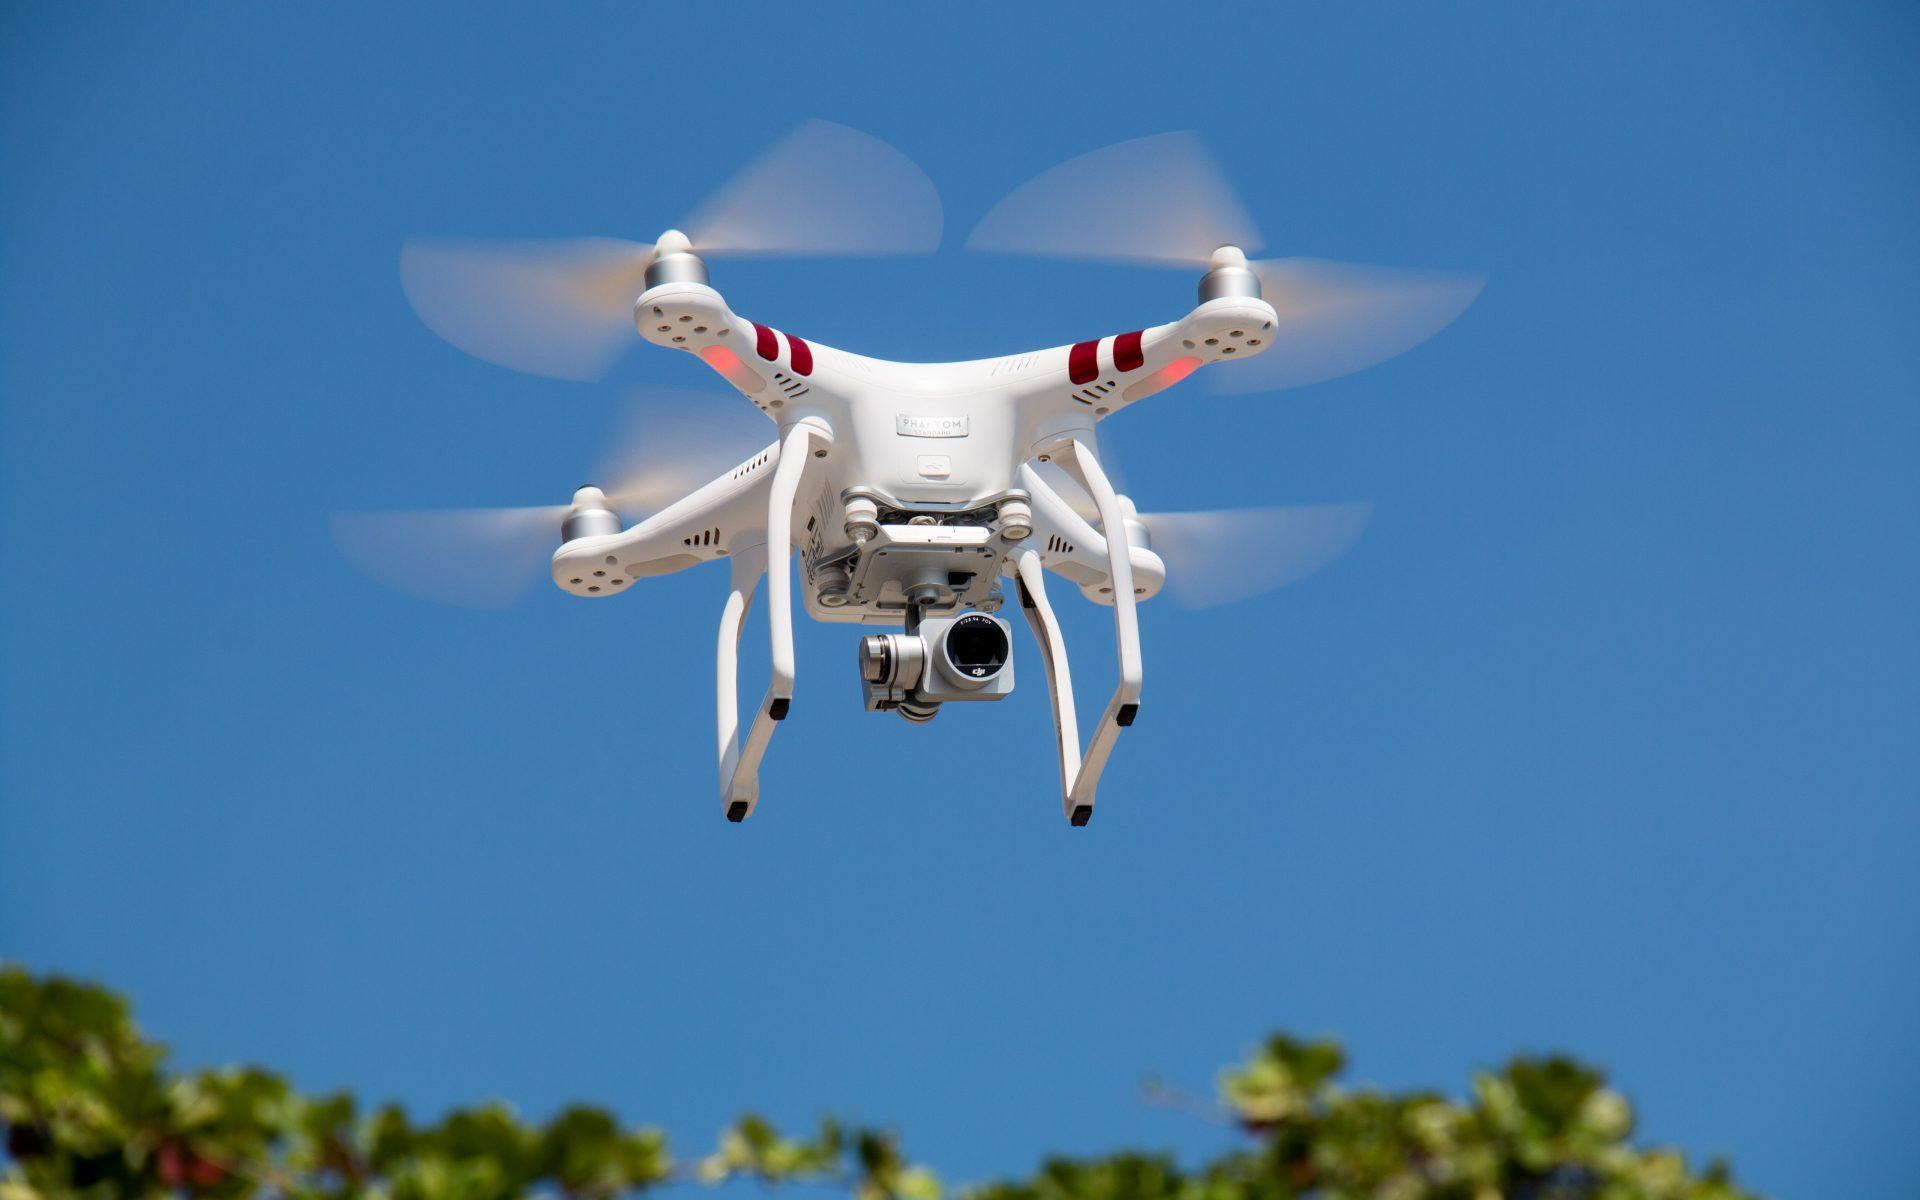 Drone 4K 5K Wallpaper | HD Wallpaper Background